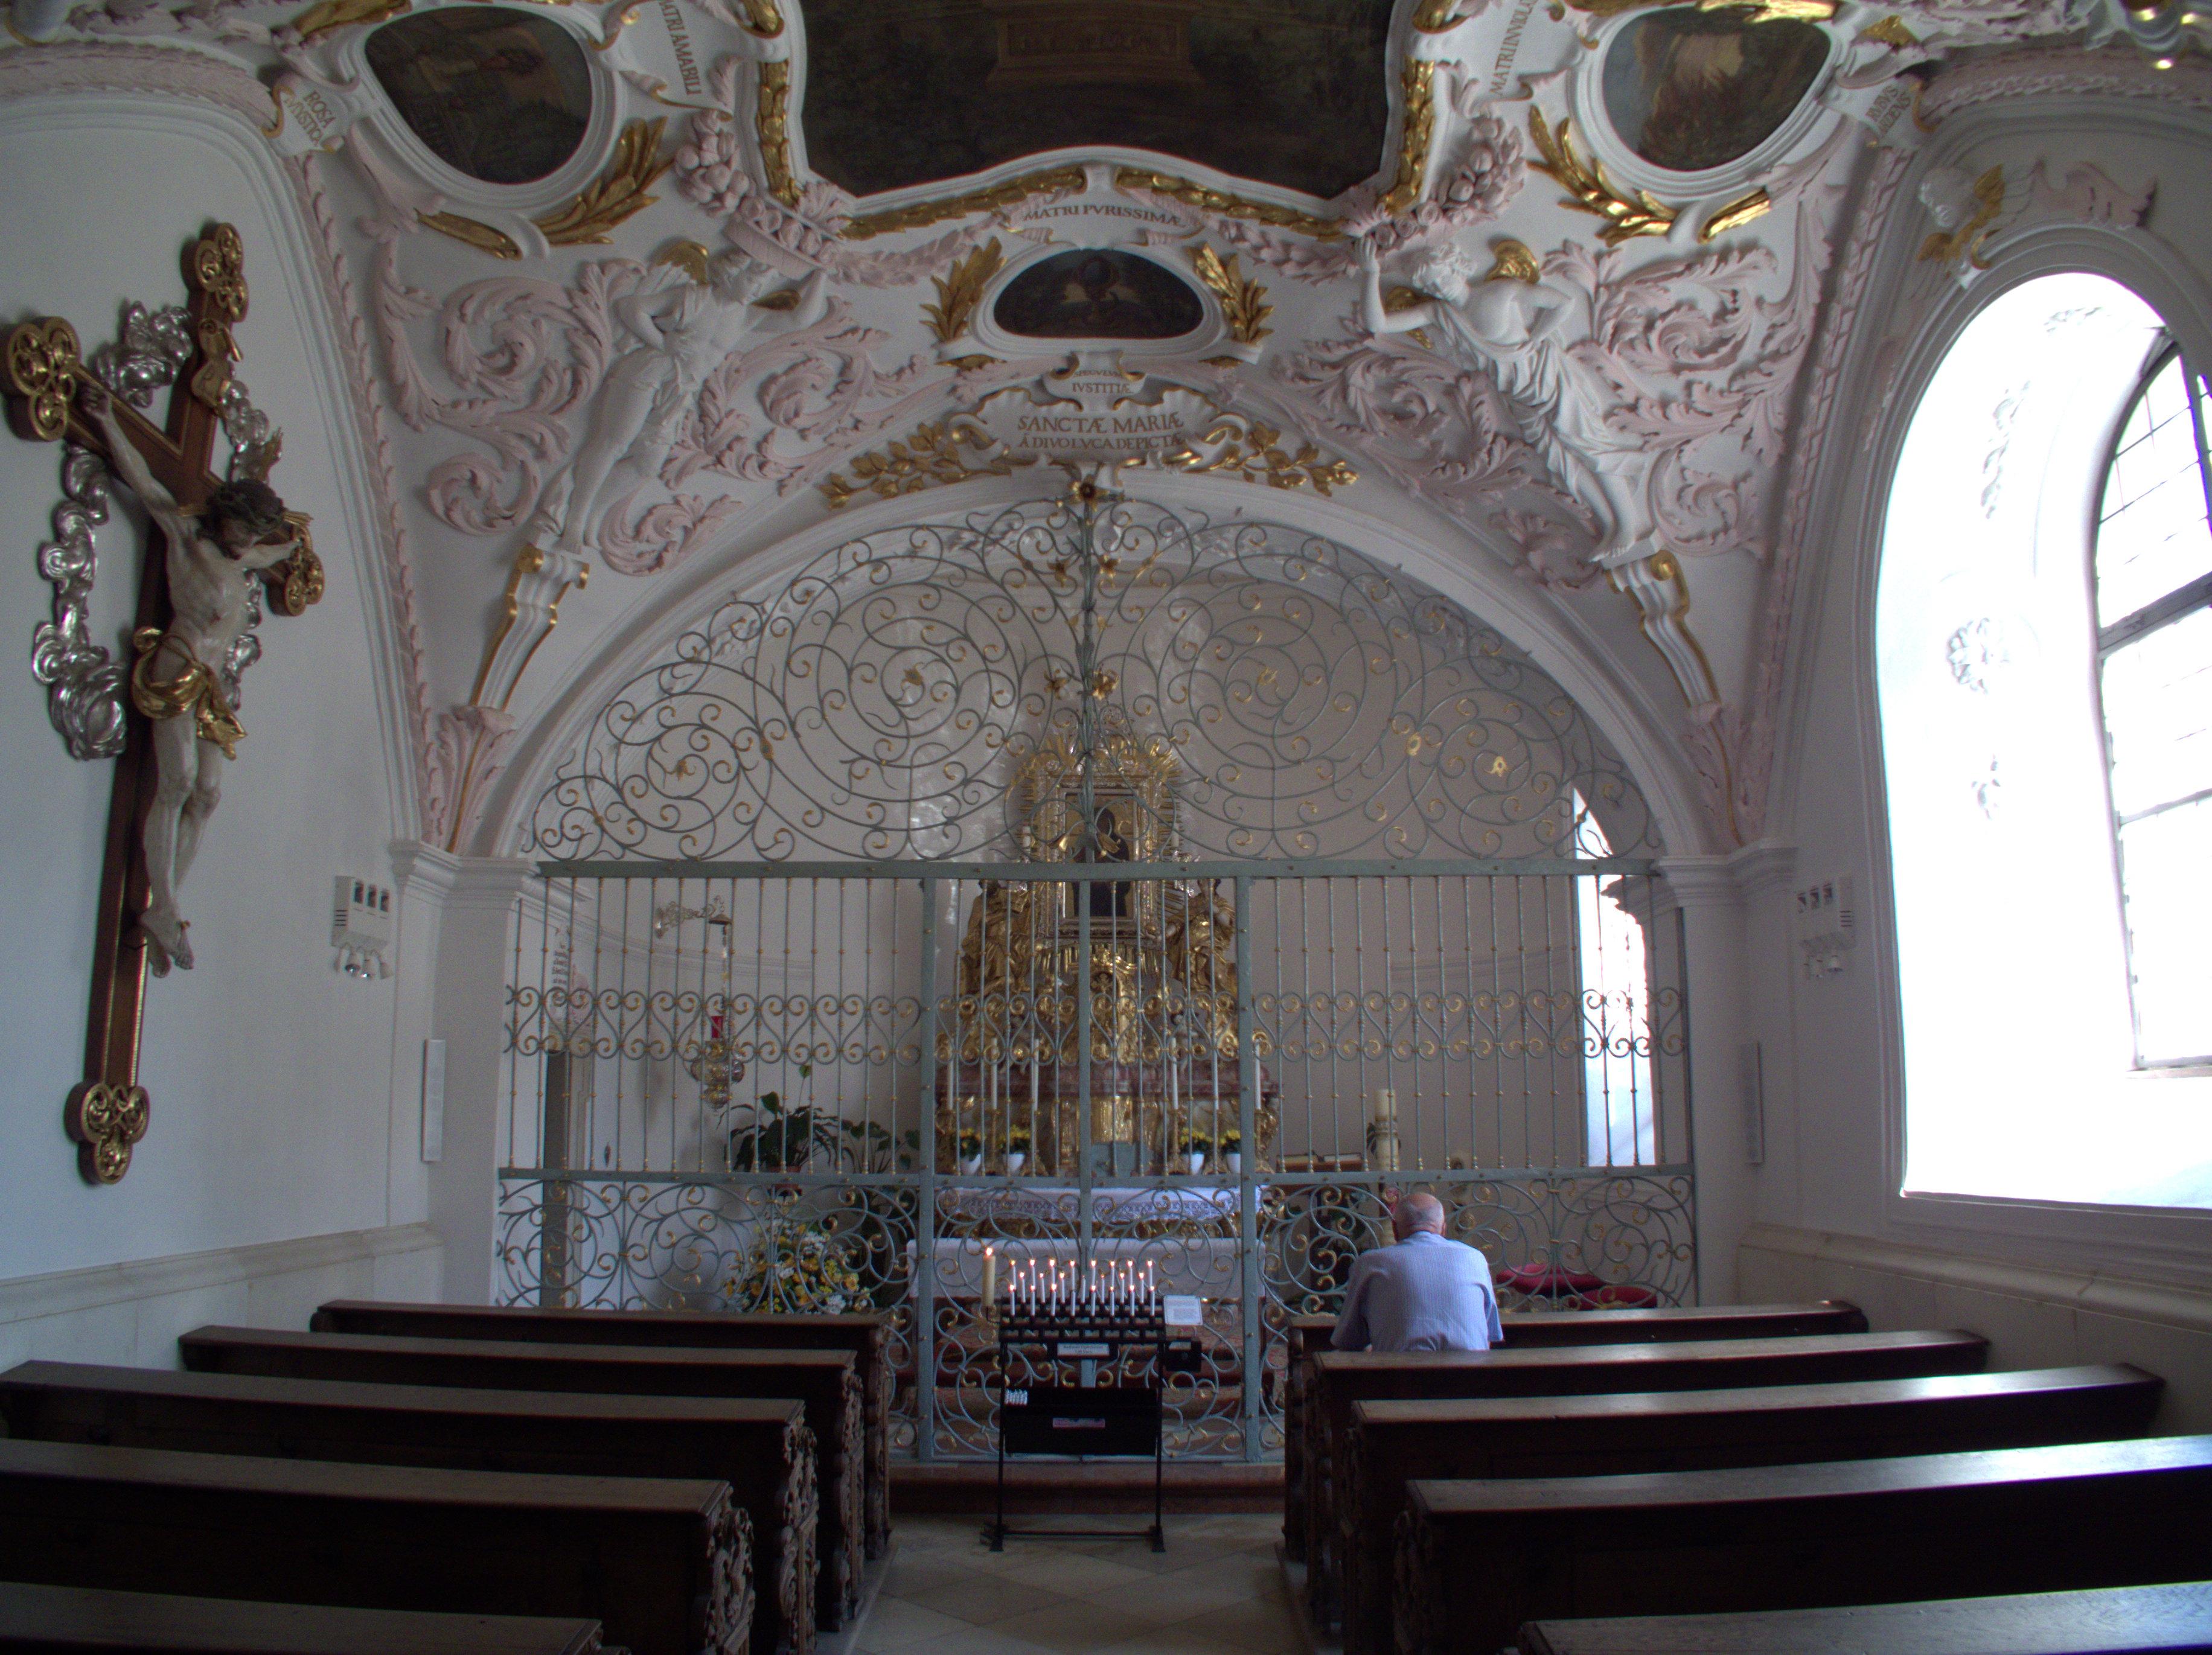 Datei:Alte Kapelle Regensburg - Gnadenkapelle 01.jpg